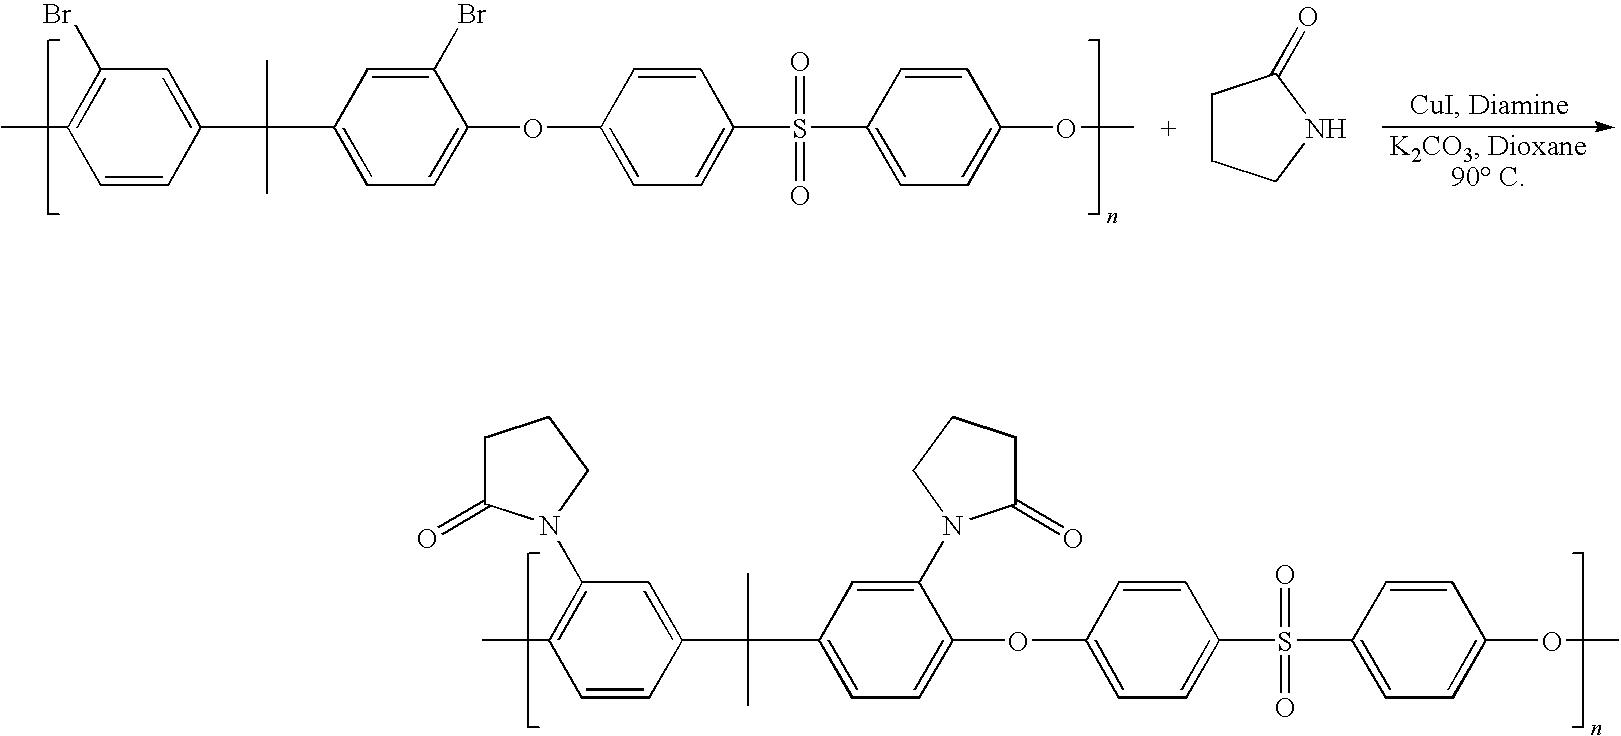 Figure US07669720-20100302-C00024